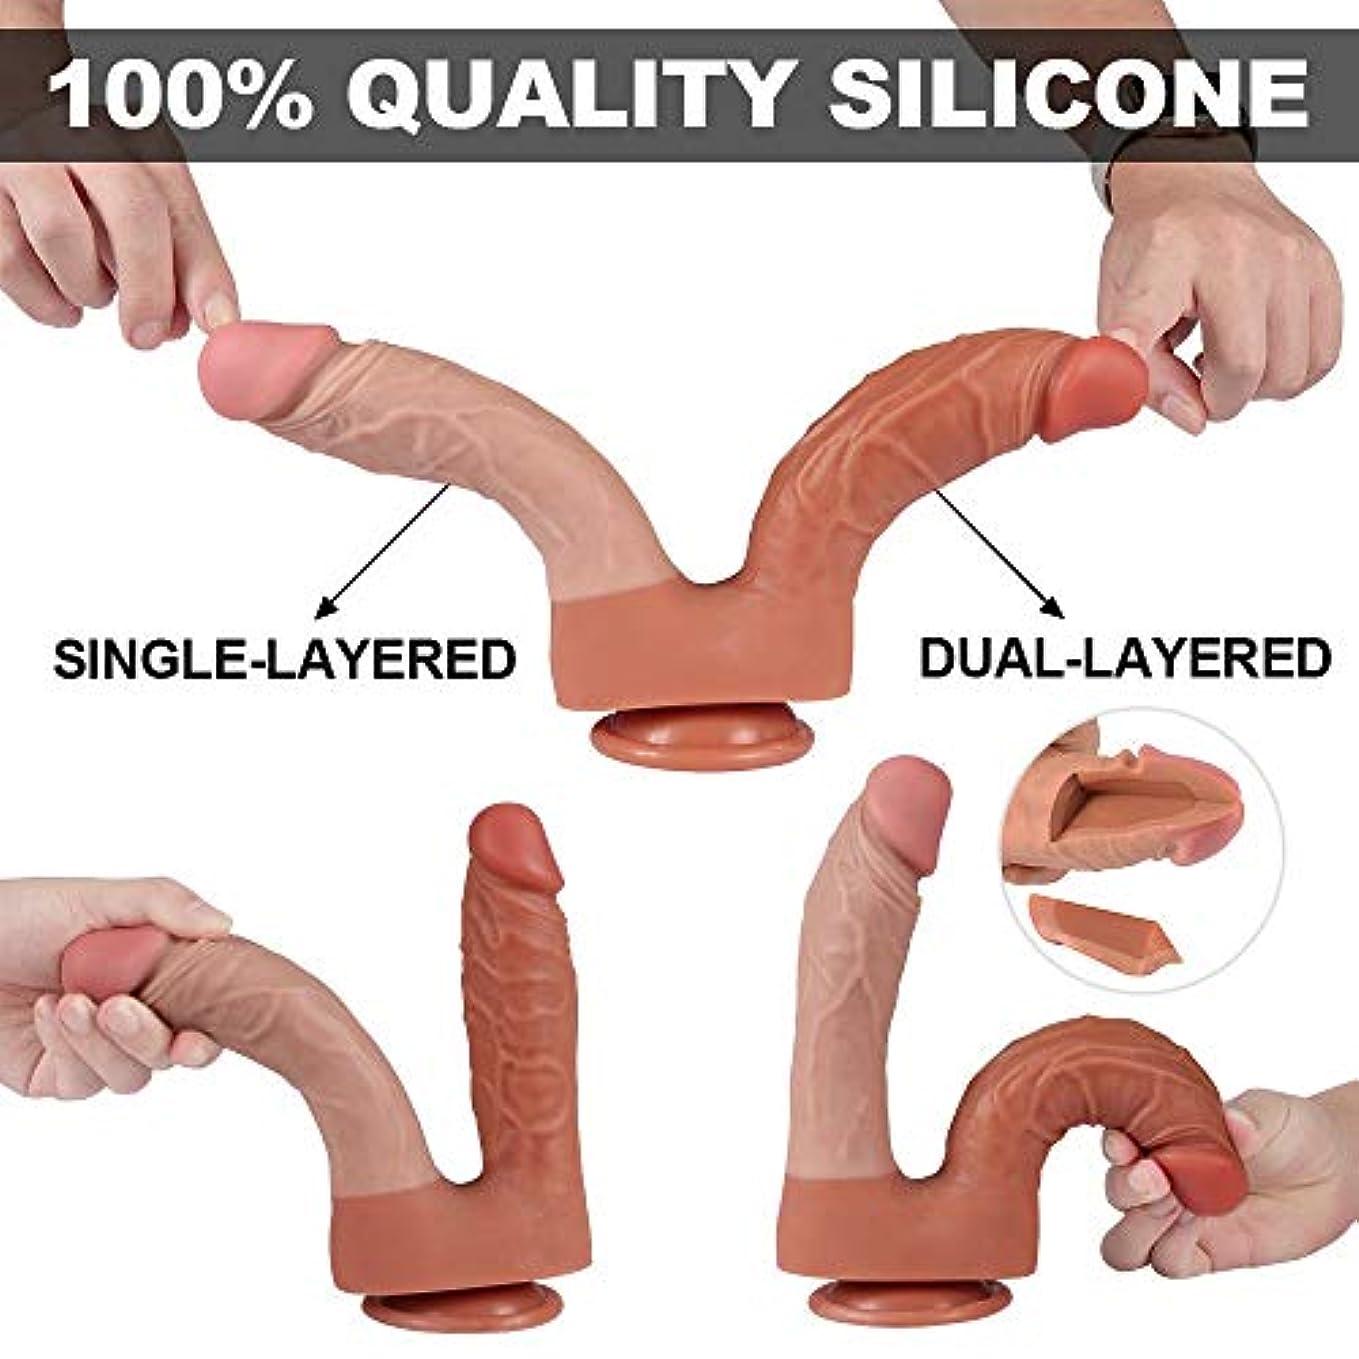 ゴールデン急勾配の持続するY-angcco6 ソフトで柔軟なダブルヘッドマッサージSEおもちゃ女性カップル - 100%秘密のパッキング